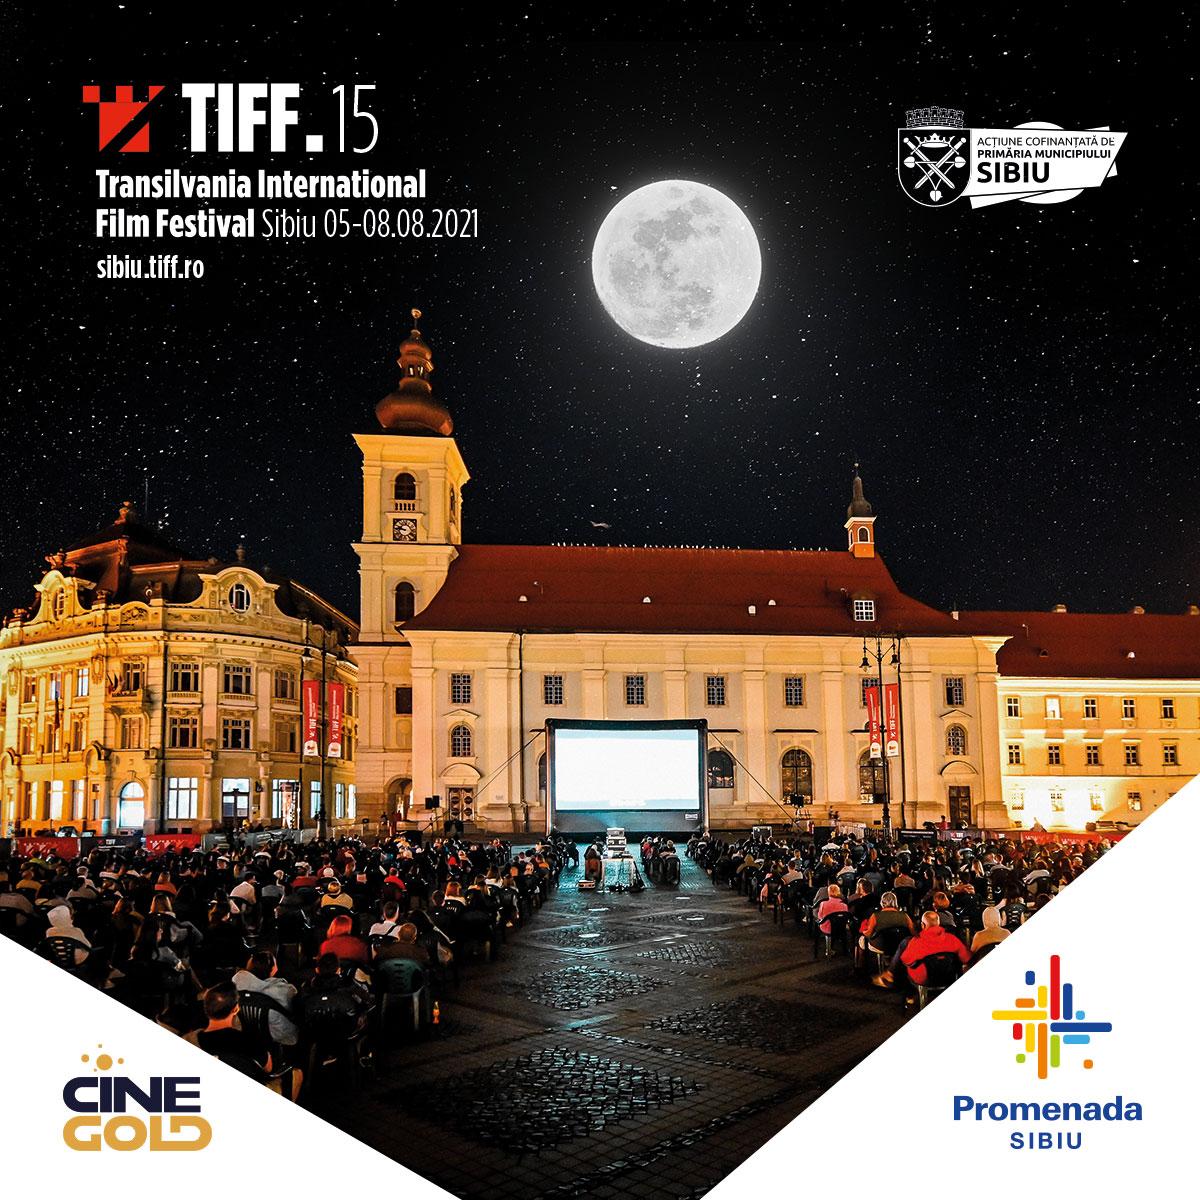 Cele mai importante pelicule de la TIFF pot fi vizionate la Promenada Sibiu, între 5 și 8 august